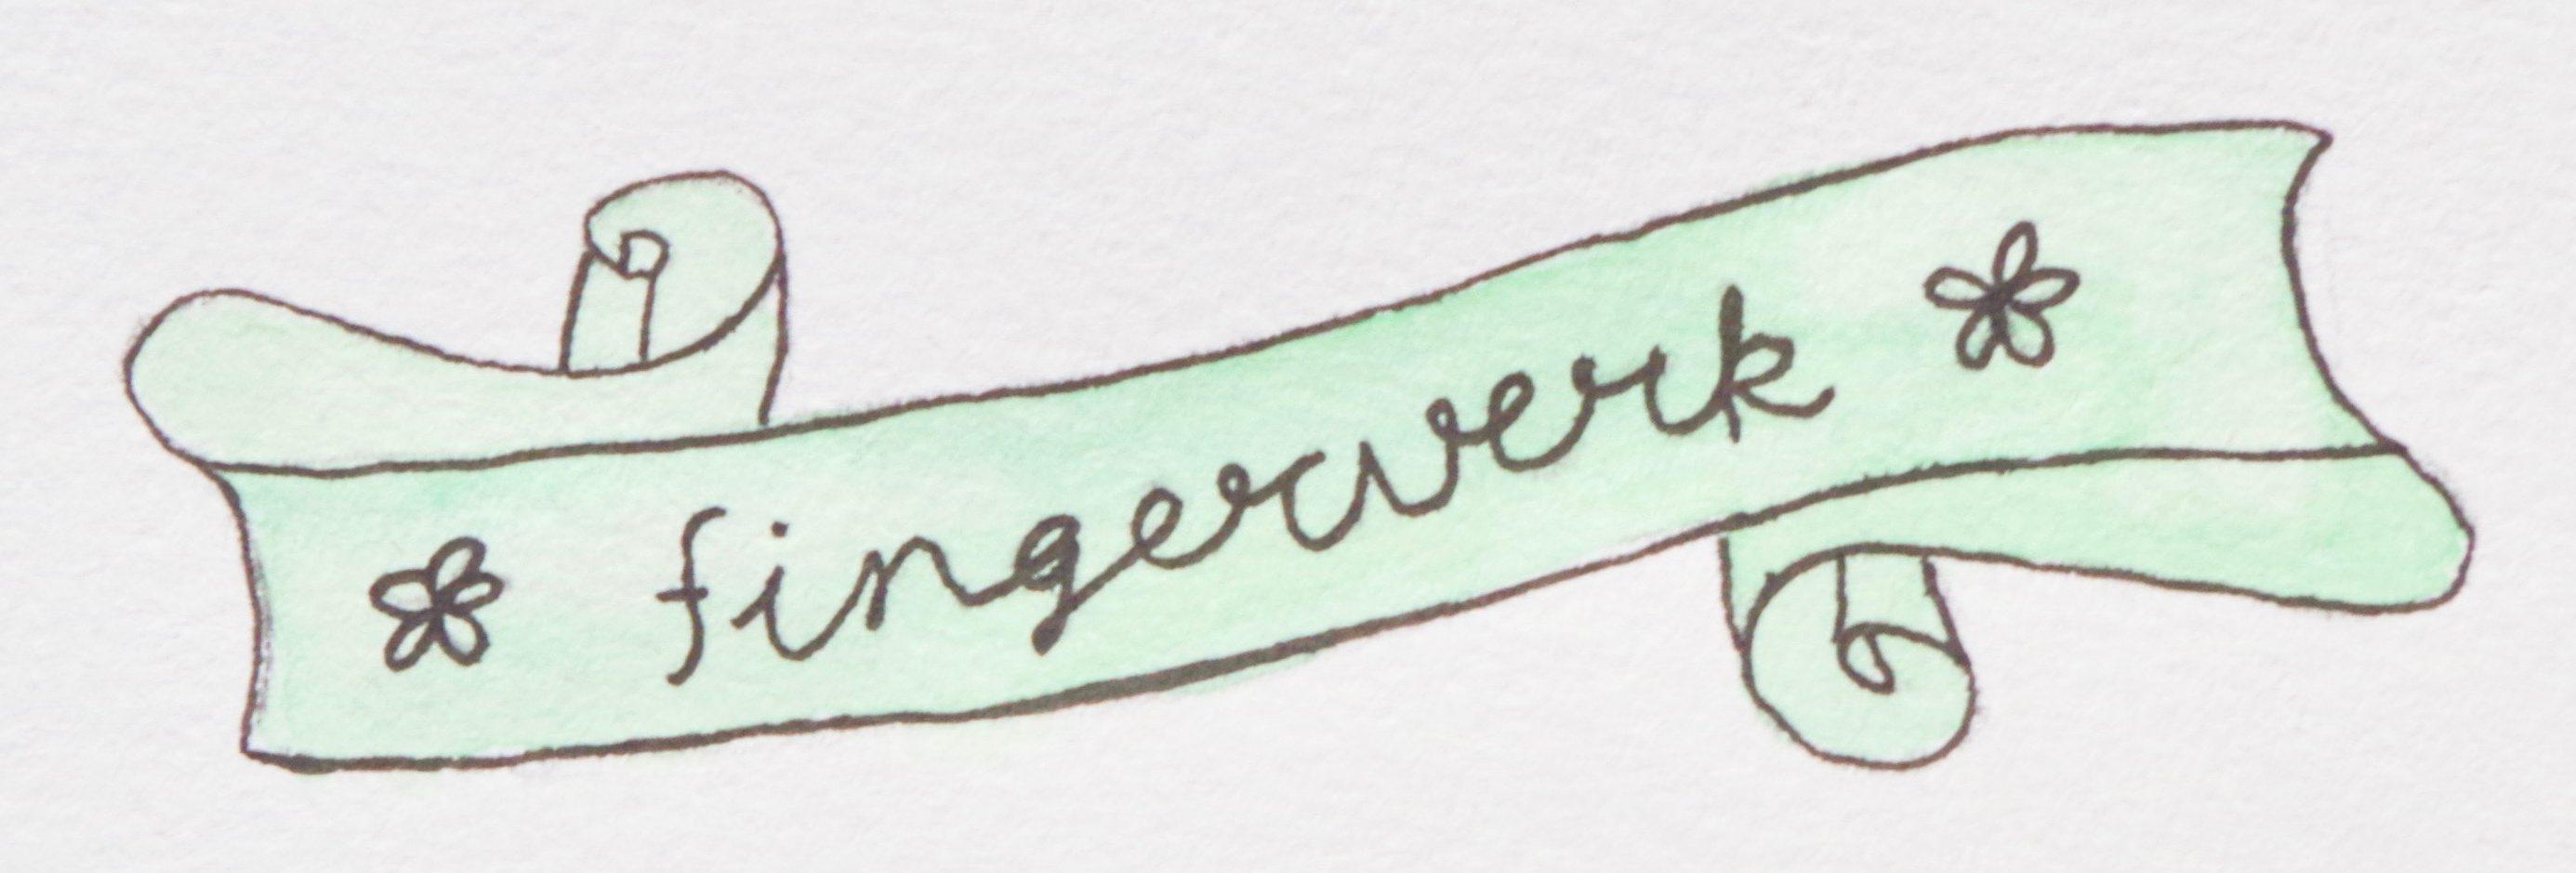 Fingerverk